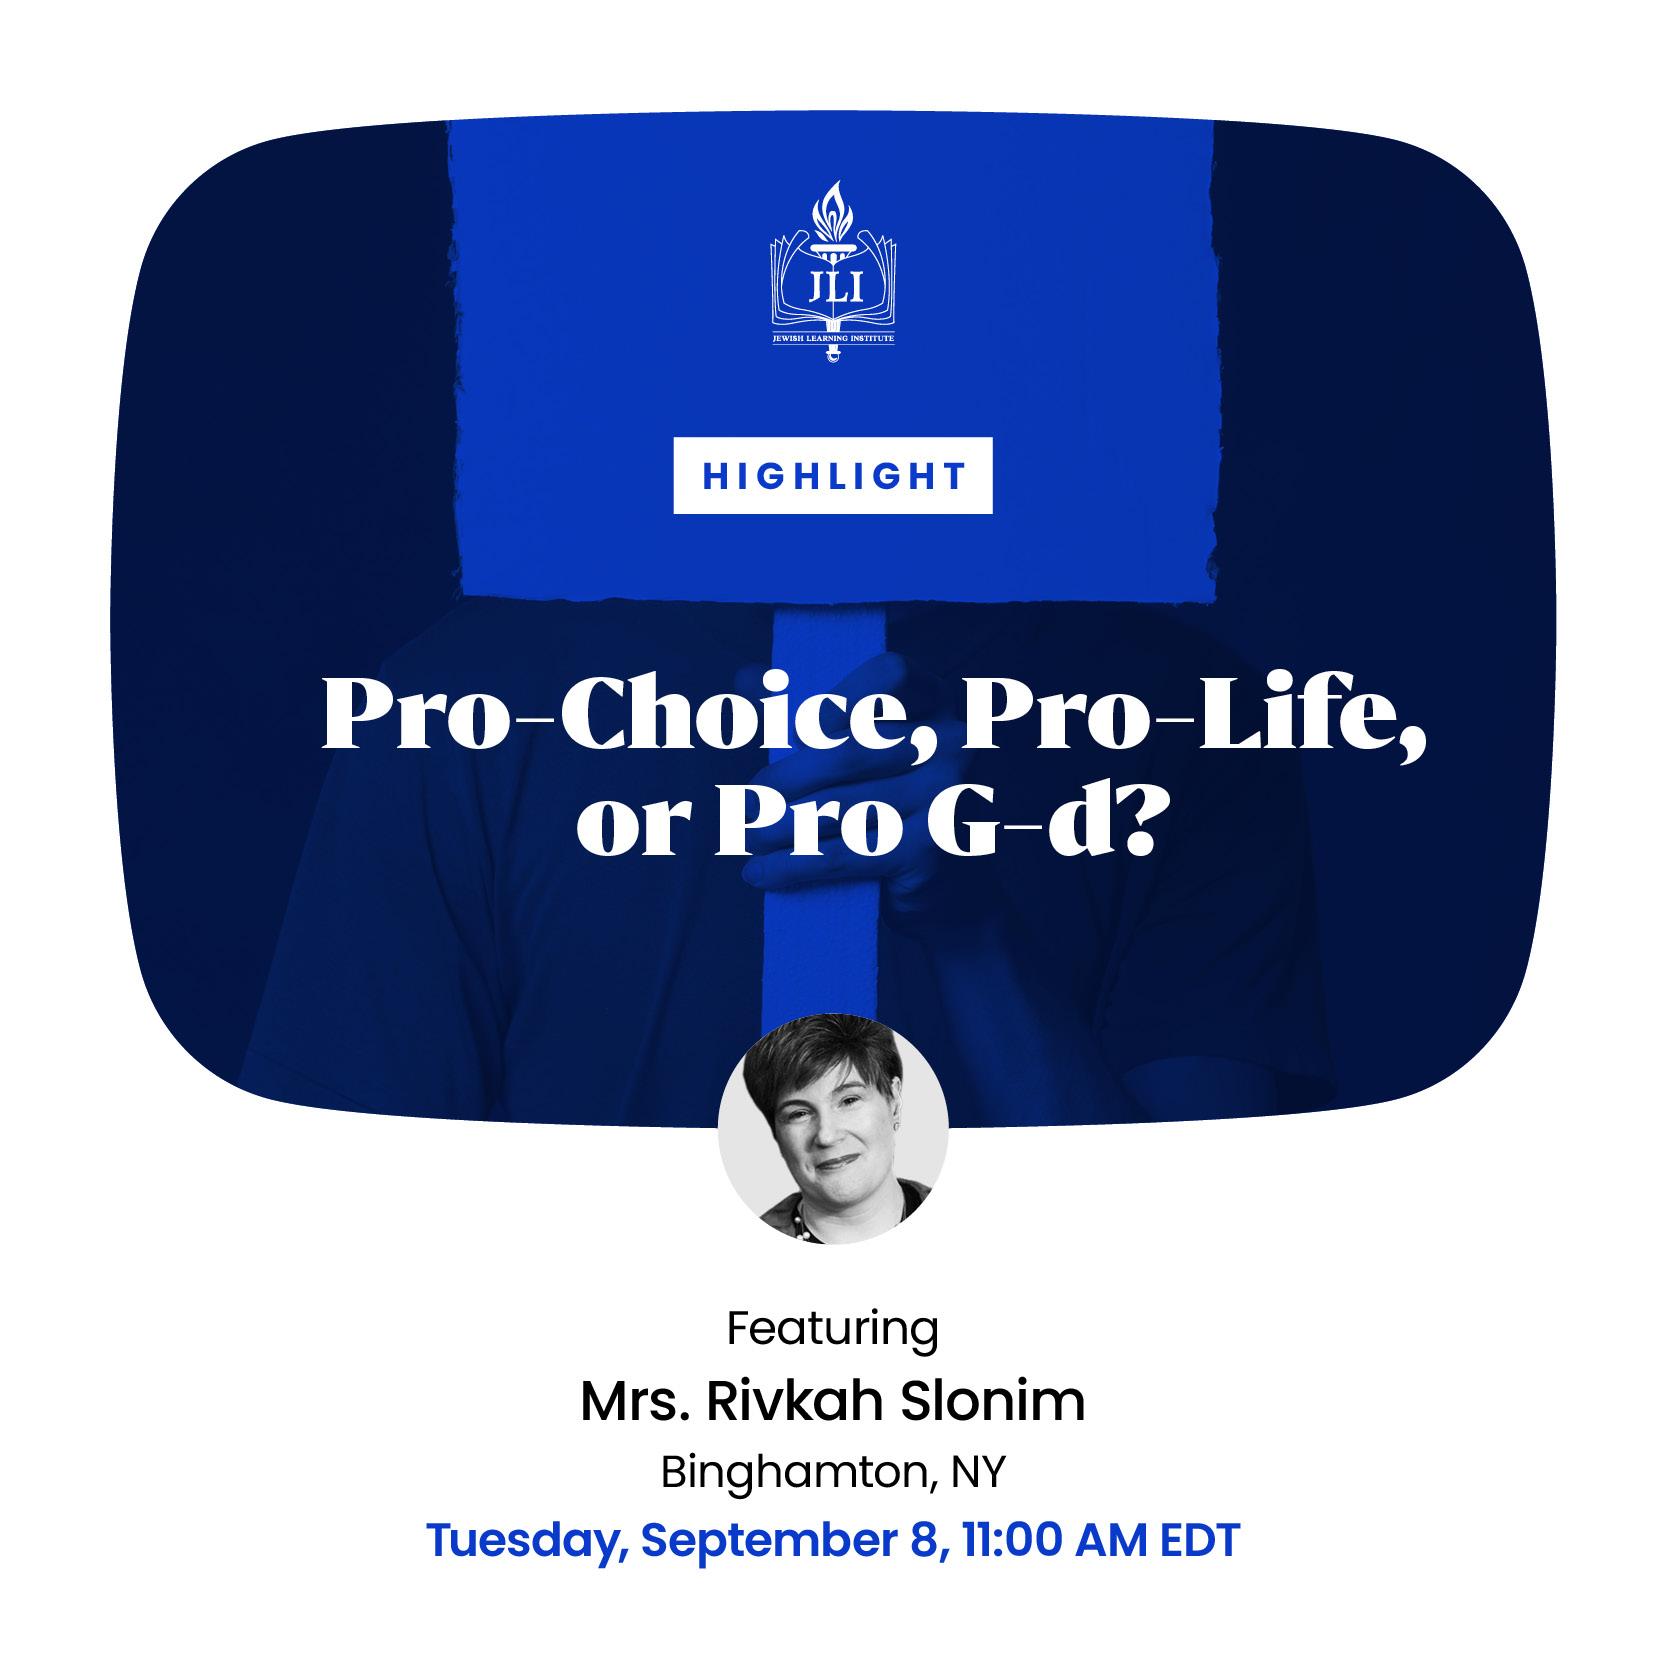 Pro Choice, Pro Life, or Pro God?